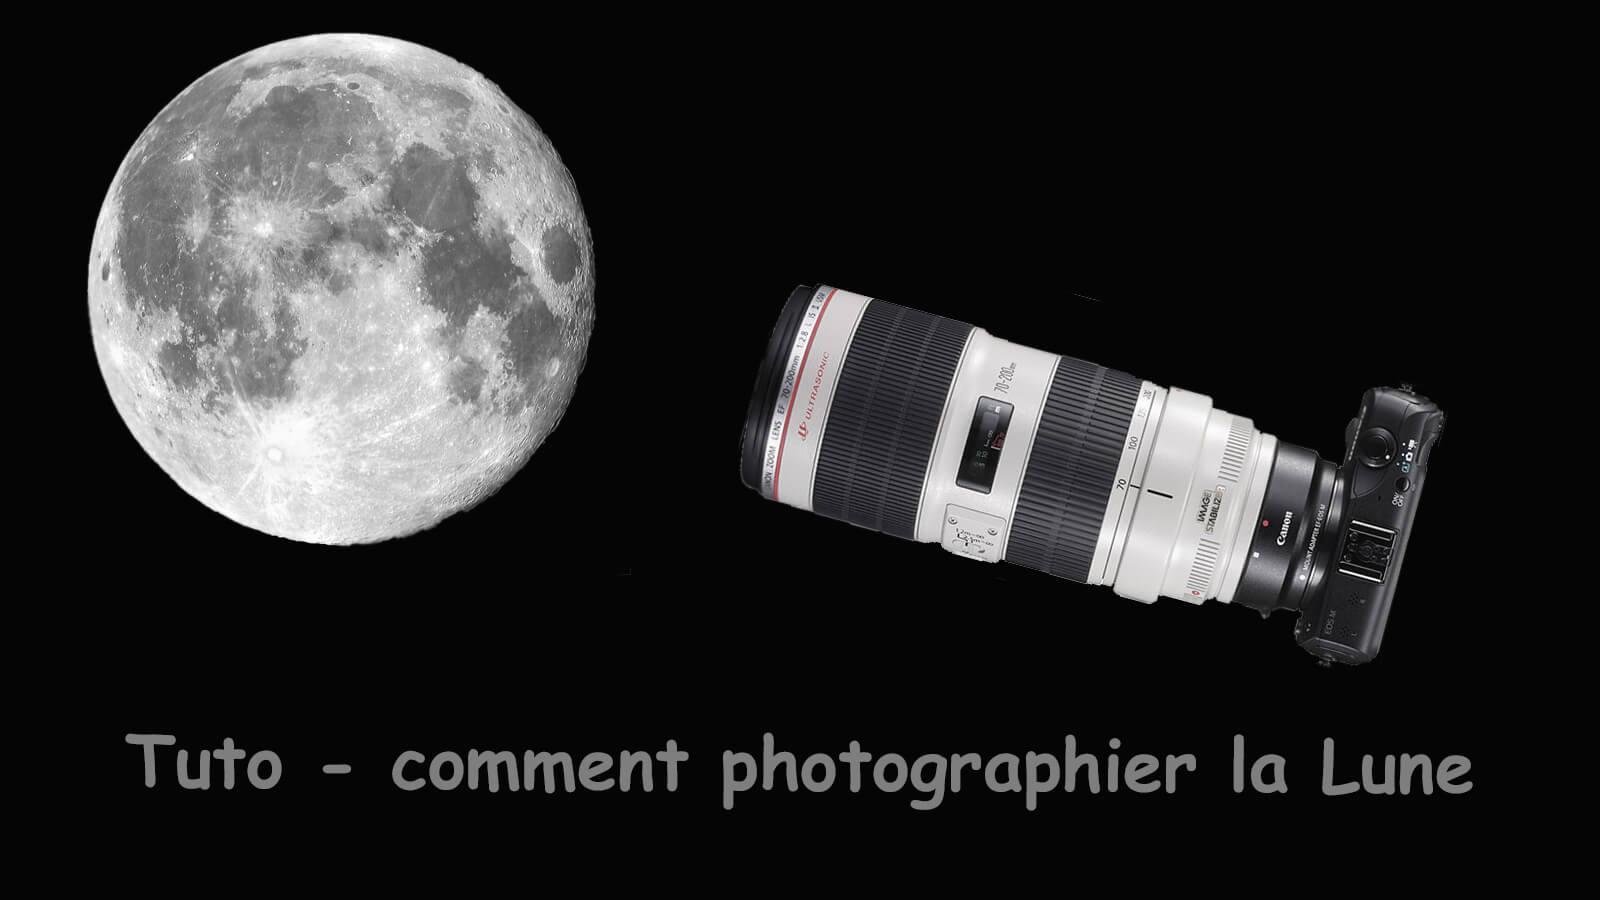 comment photographier la lune reflex